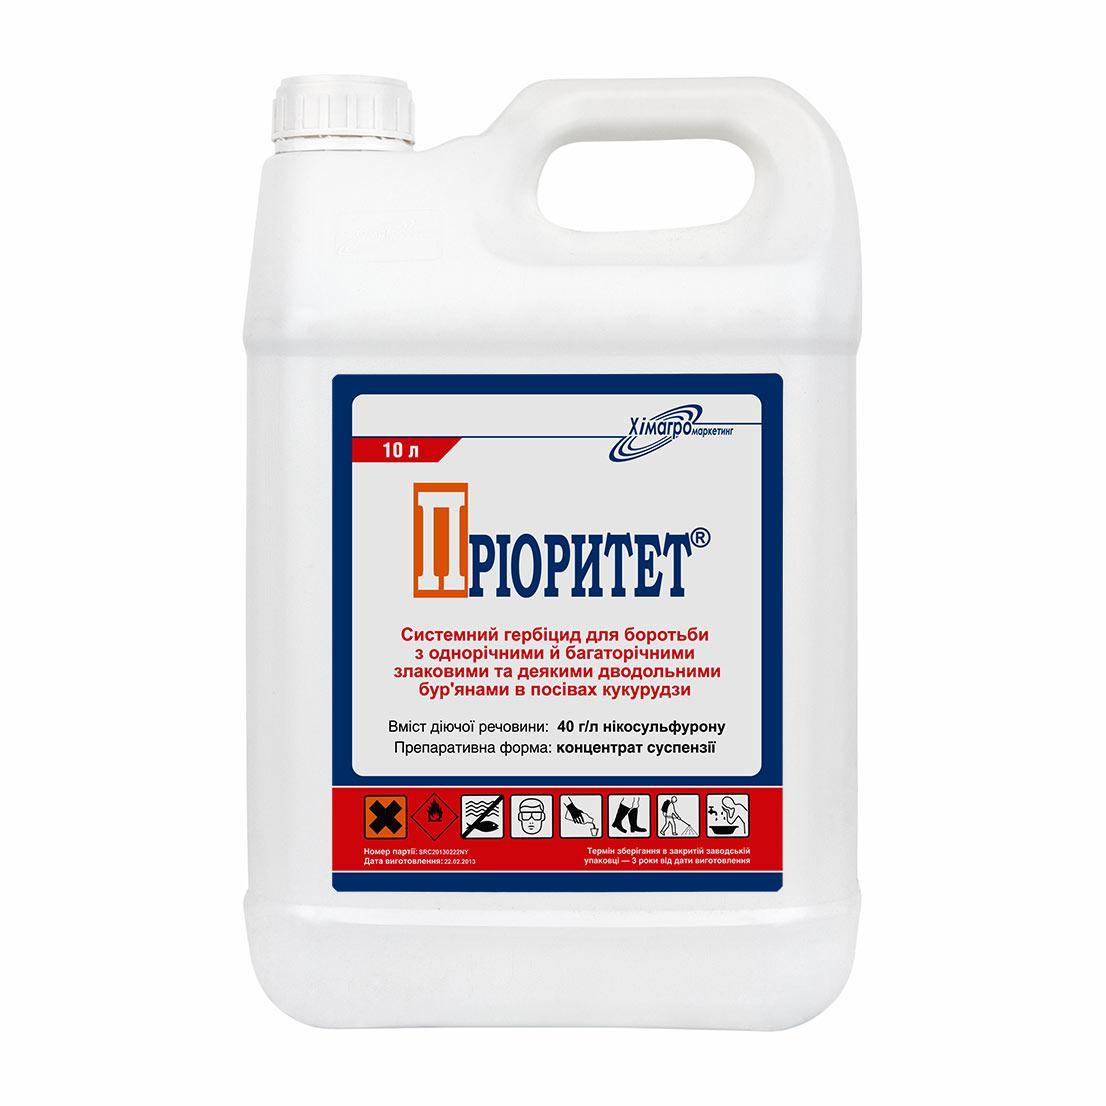 Гербицид Приоритет ( аналог Милагро), никосульфурон 40 г/л